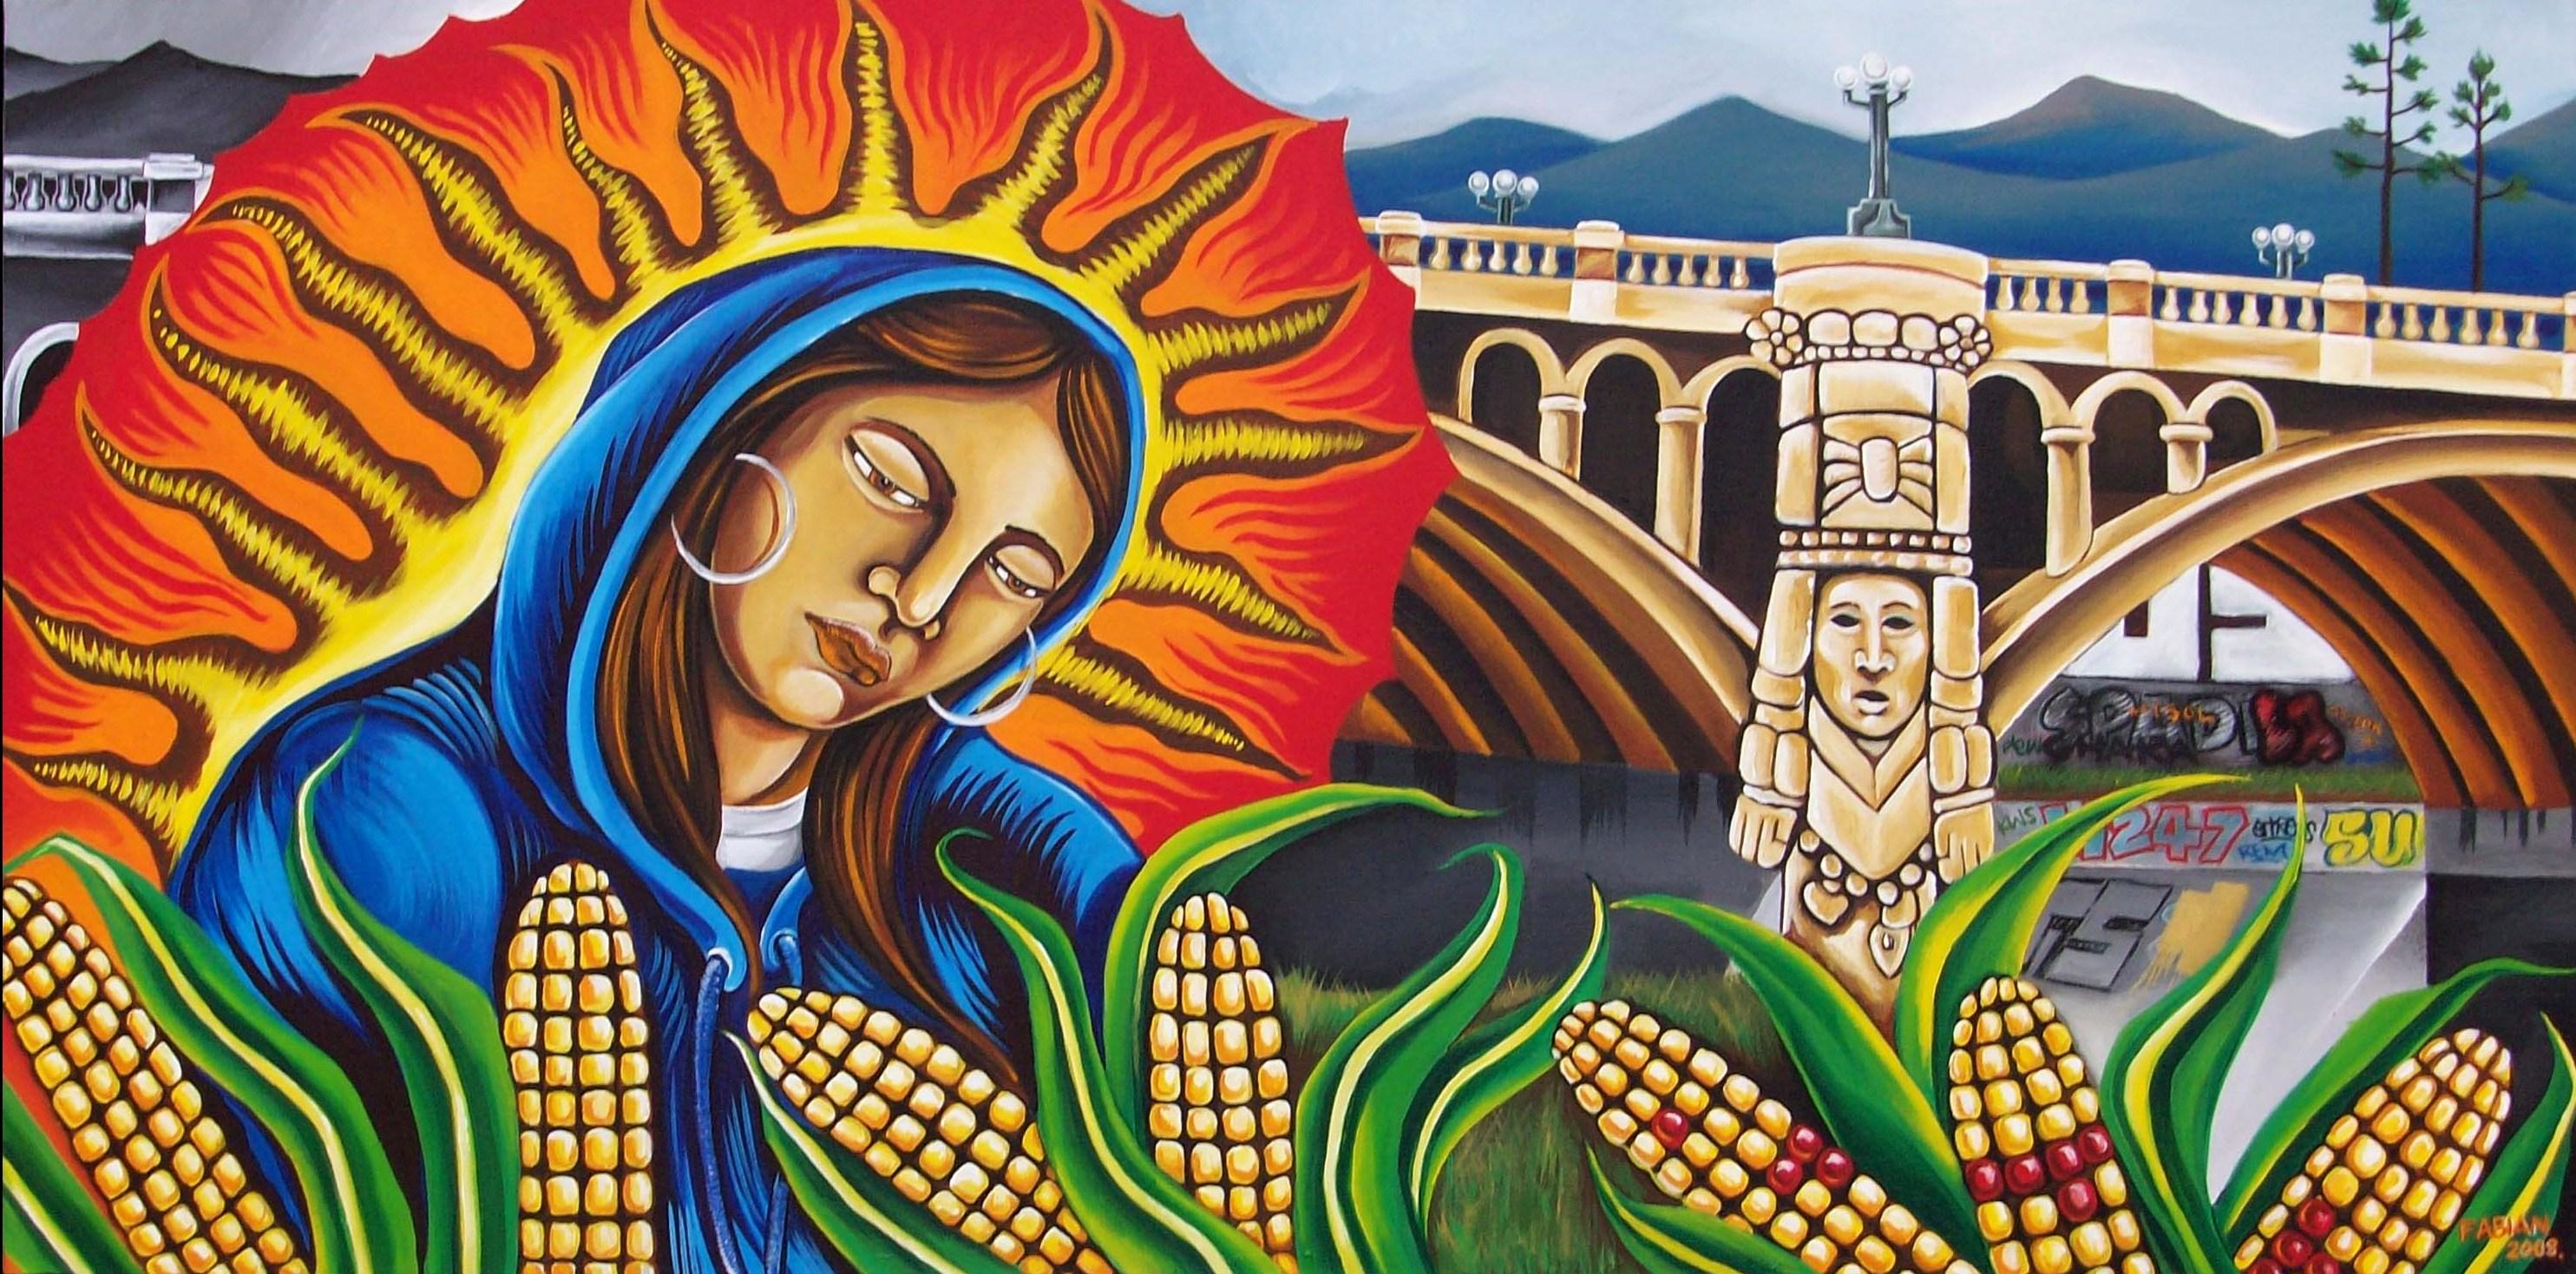 10 Imagenes Exóticas (para los occidentales) de María en la Fiesta de la Visitación (2 de julio)